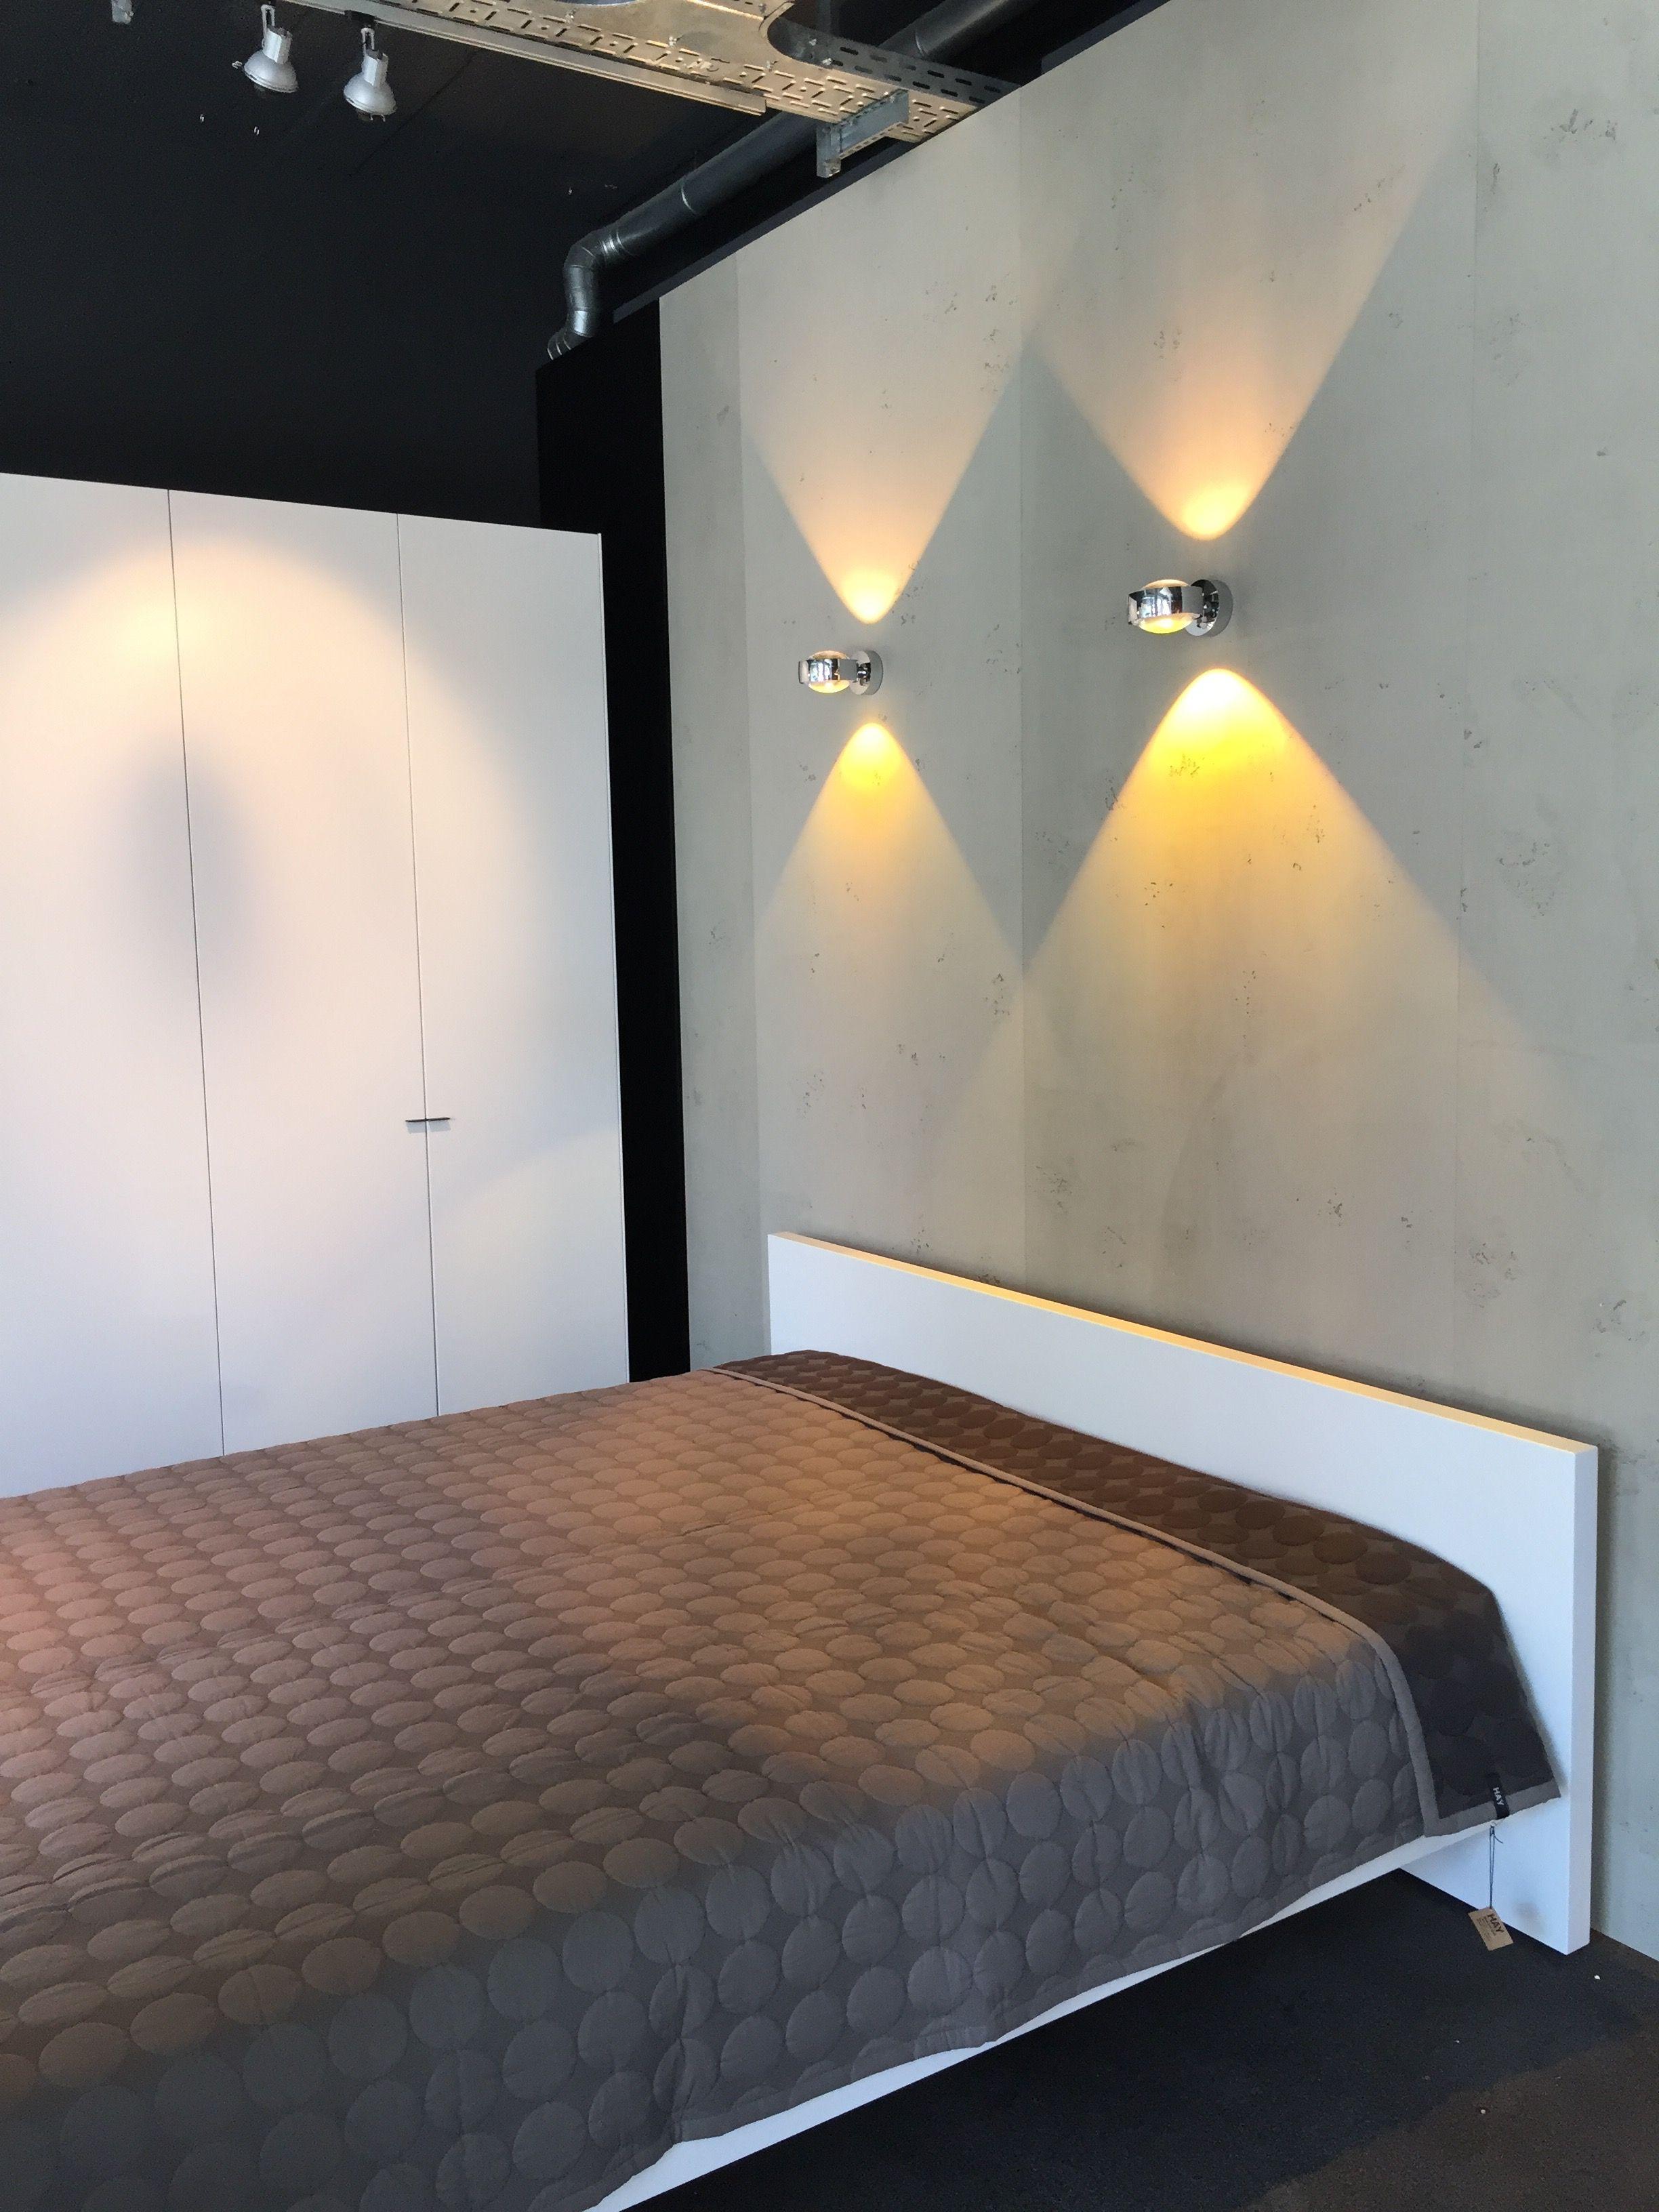 Attraktiv NEU   Eingetroffen In Der Hecht Designfabrik Kirchentellinsfurt   Bett CPS  Design Modena In Lack Weiß